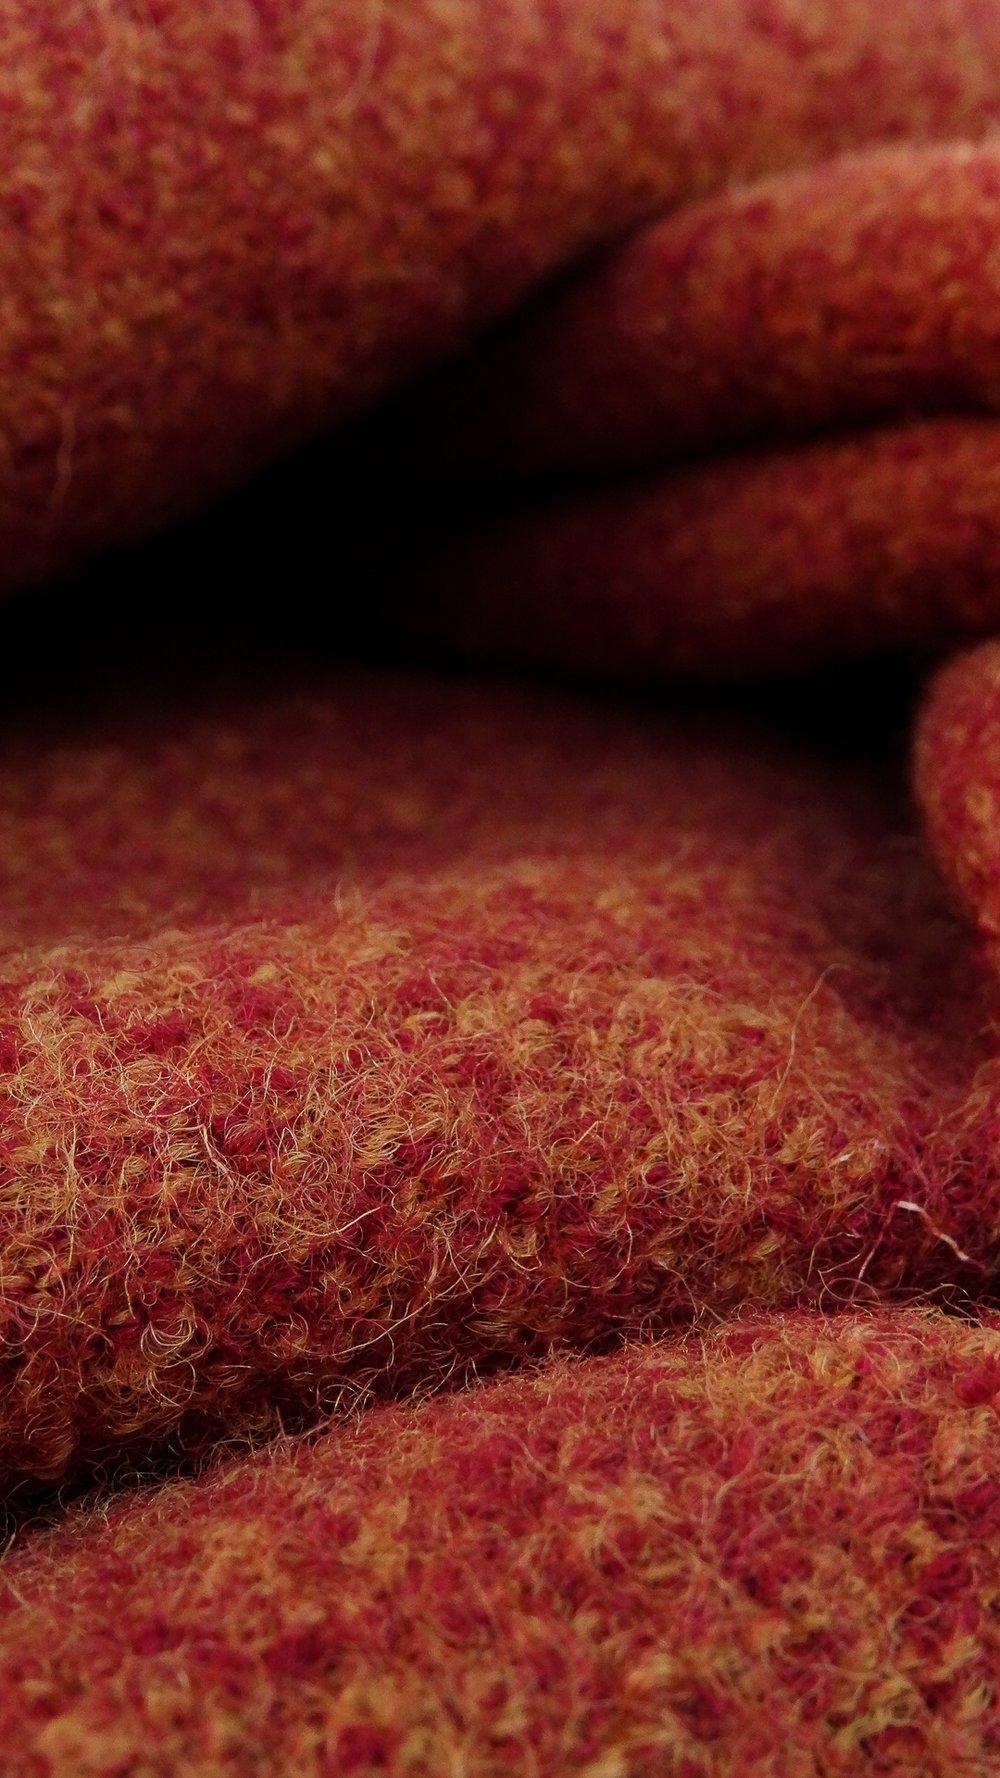 La Qualité àun Prix Attractif. - Avec plus de 600 références entreposées dans notre showroom et dépôt parisien, nous employons toute notre ingéniosité pour vous proposer des produits réguliers.Amoureux des matières naturelles nous vendons du Lin (voile, toile, bachette...), de la Laine (laine bouillie, velours de laine, drap de laine...), du Coton (popeline, denim, twill, velours...), de la Maille (molleton, jersey, bord-côte...), de la Soie (crêpe, georgette, dupion...). mais également une sélection de tissus Synthétiques (fausse fourrure, faux mouton, doublure satinée...) afin de satisfaire tous les goûts et toutes les bourses.Nos tissus sont essentiellement unis avec de larges gammes de couleurs et de poids, nous vendons néanmoins des tissus originaux fantaisies (motifs, imprimés, effets...) de façon permanente et périodique, en fonction des tendances et des saisons, nous évertuant à obtenir pour vous des étoffes de grande qualité au prix le plus juste.